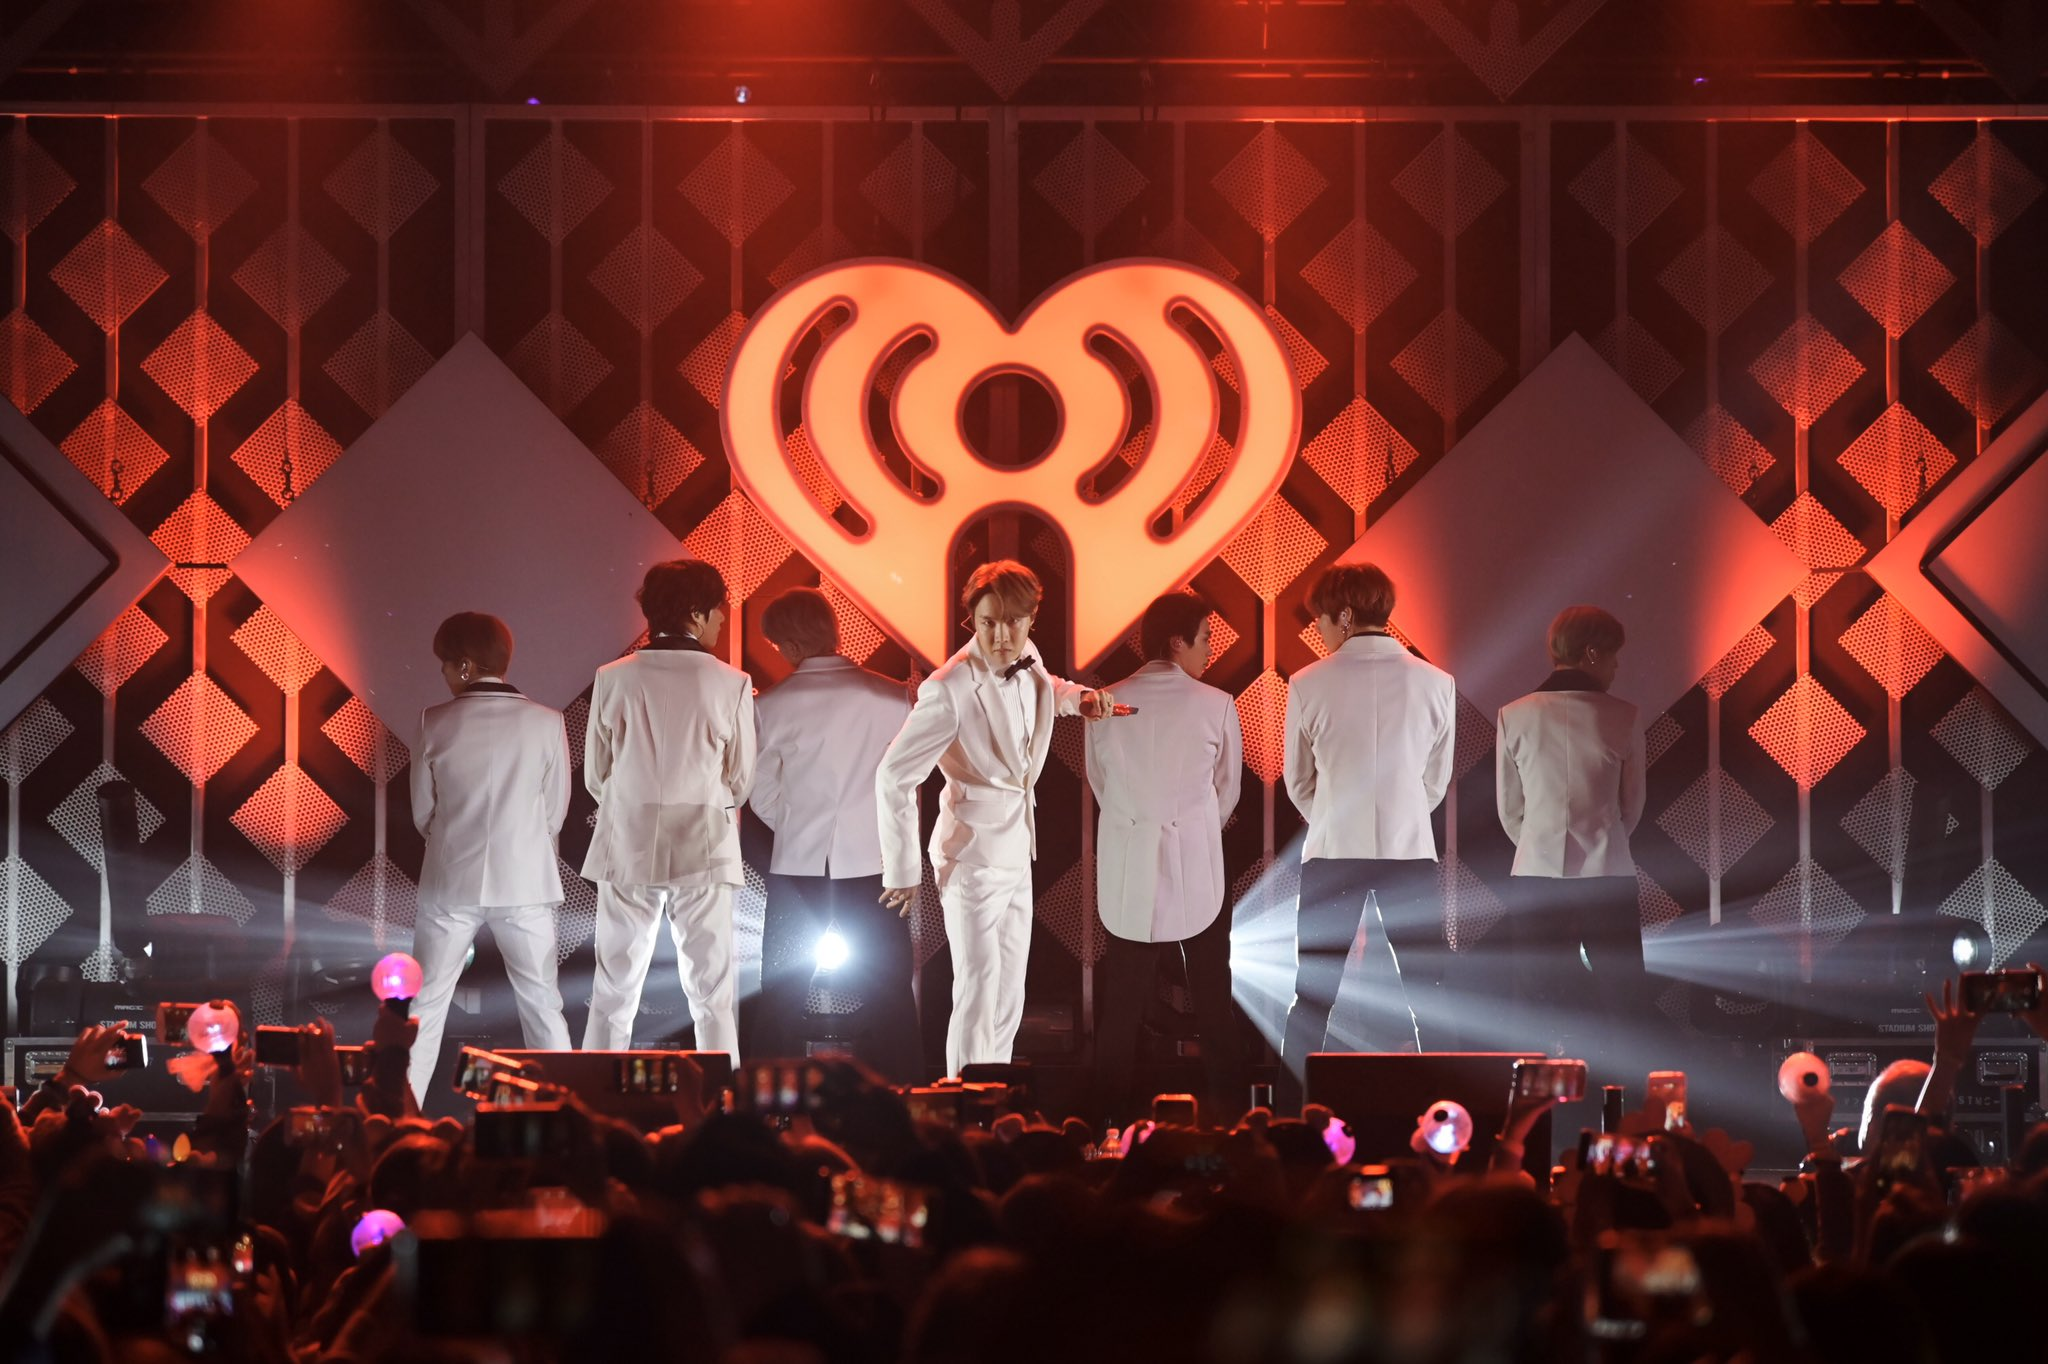 BTS Membuka iHeartRadio Jingle Ball Concert Tour 2019 di Los Angeles dengan Sukses